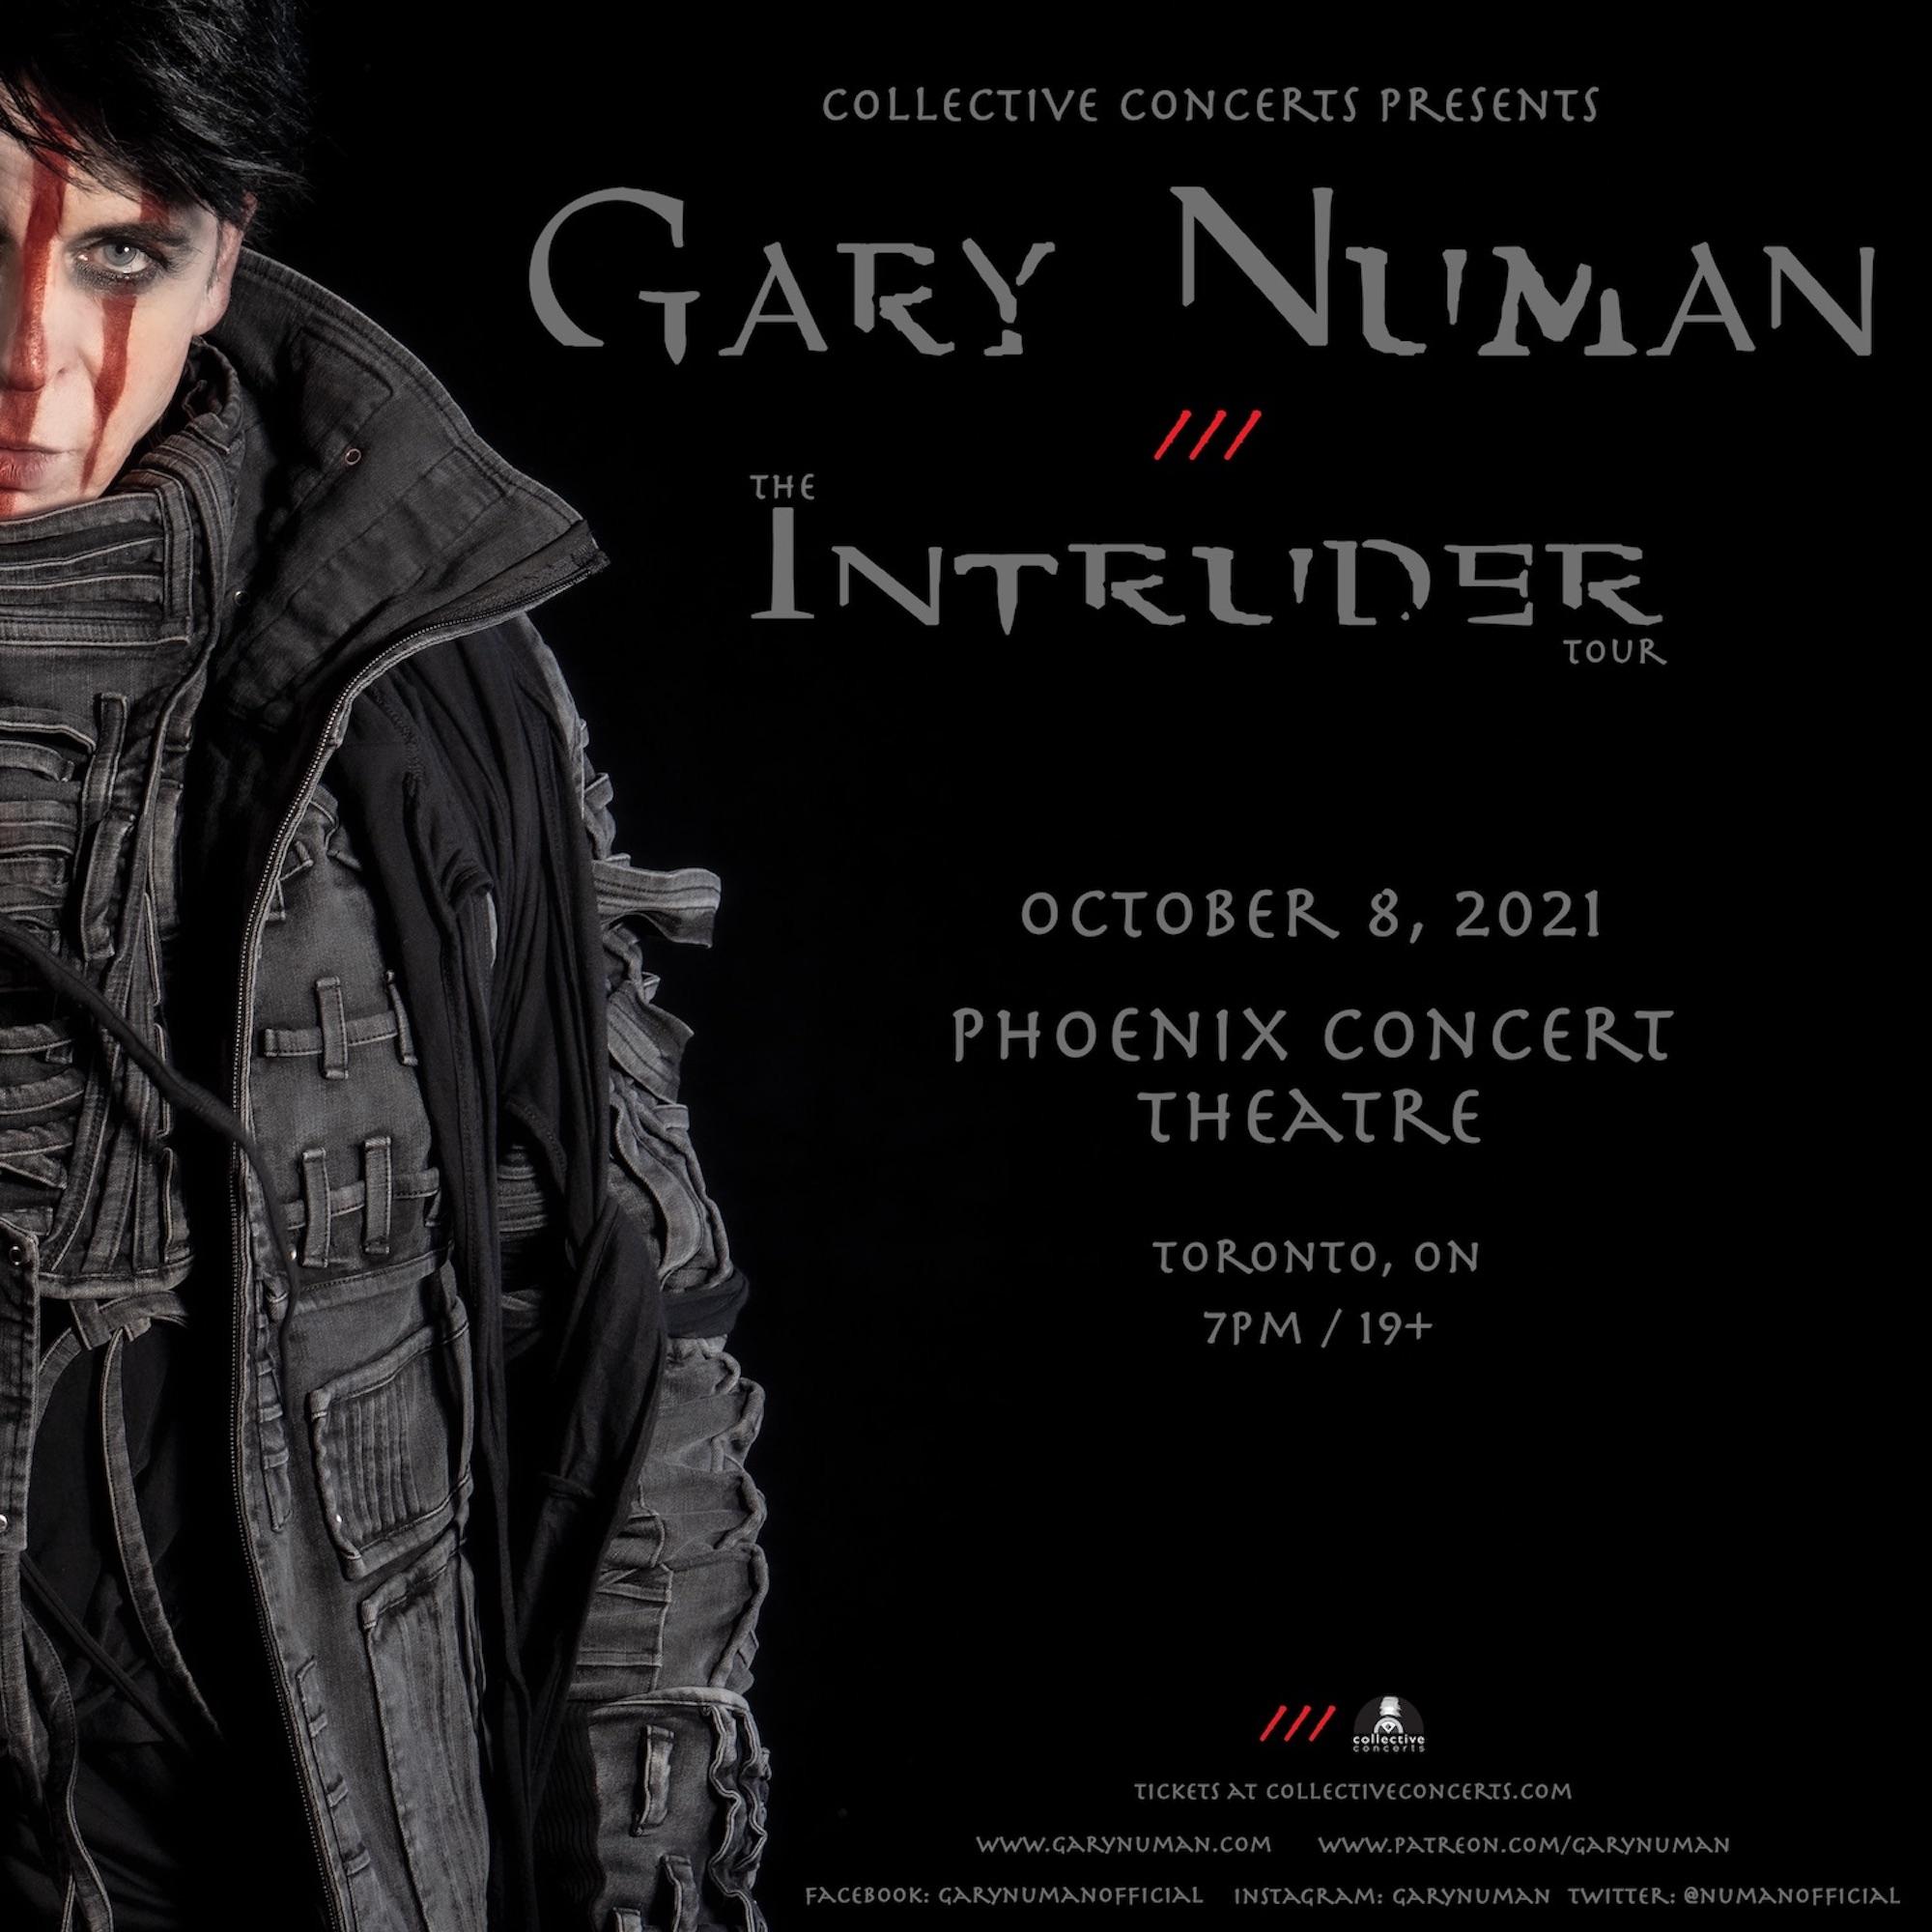 Gary Numan - The Intruder Tour (POSTPONED)